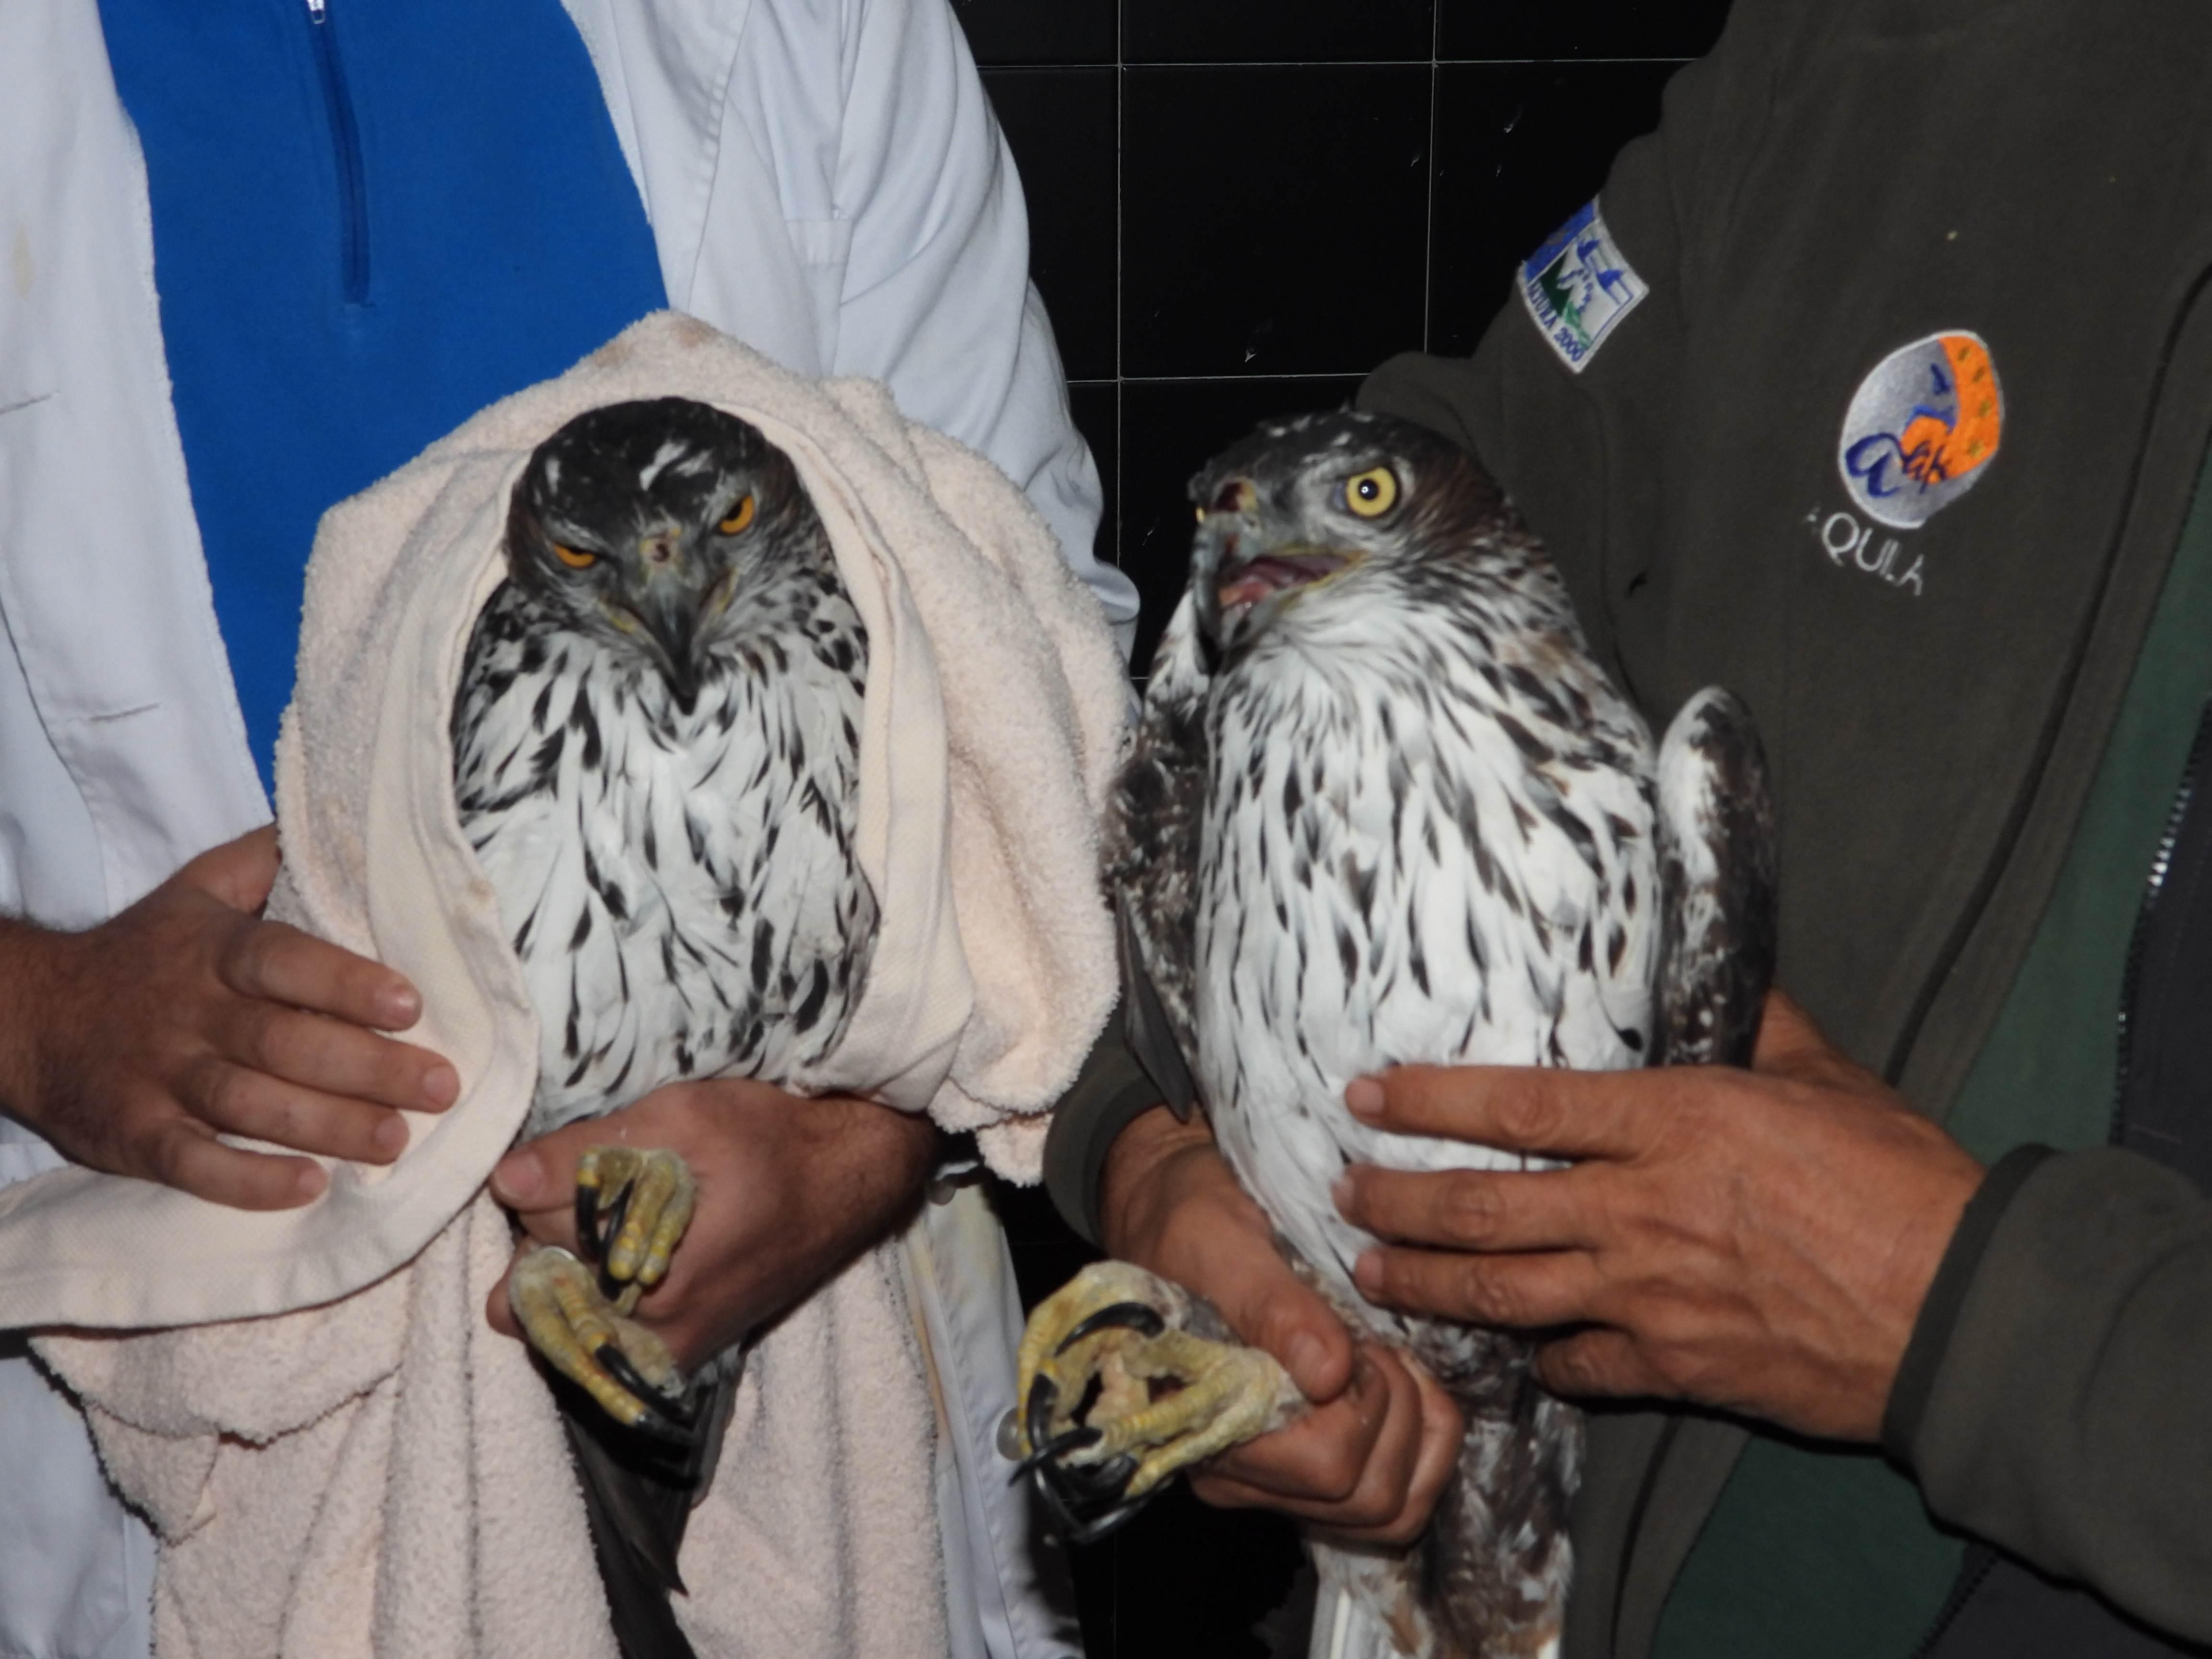 Un biólogo de Grefa examina a una de las águilas de Bonelli trasladadas desde Bulgaria a España. Imagen: Grefa